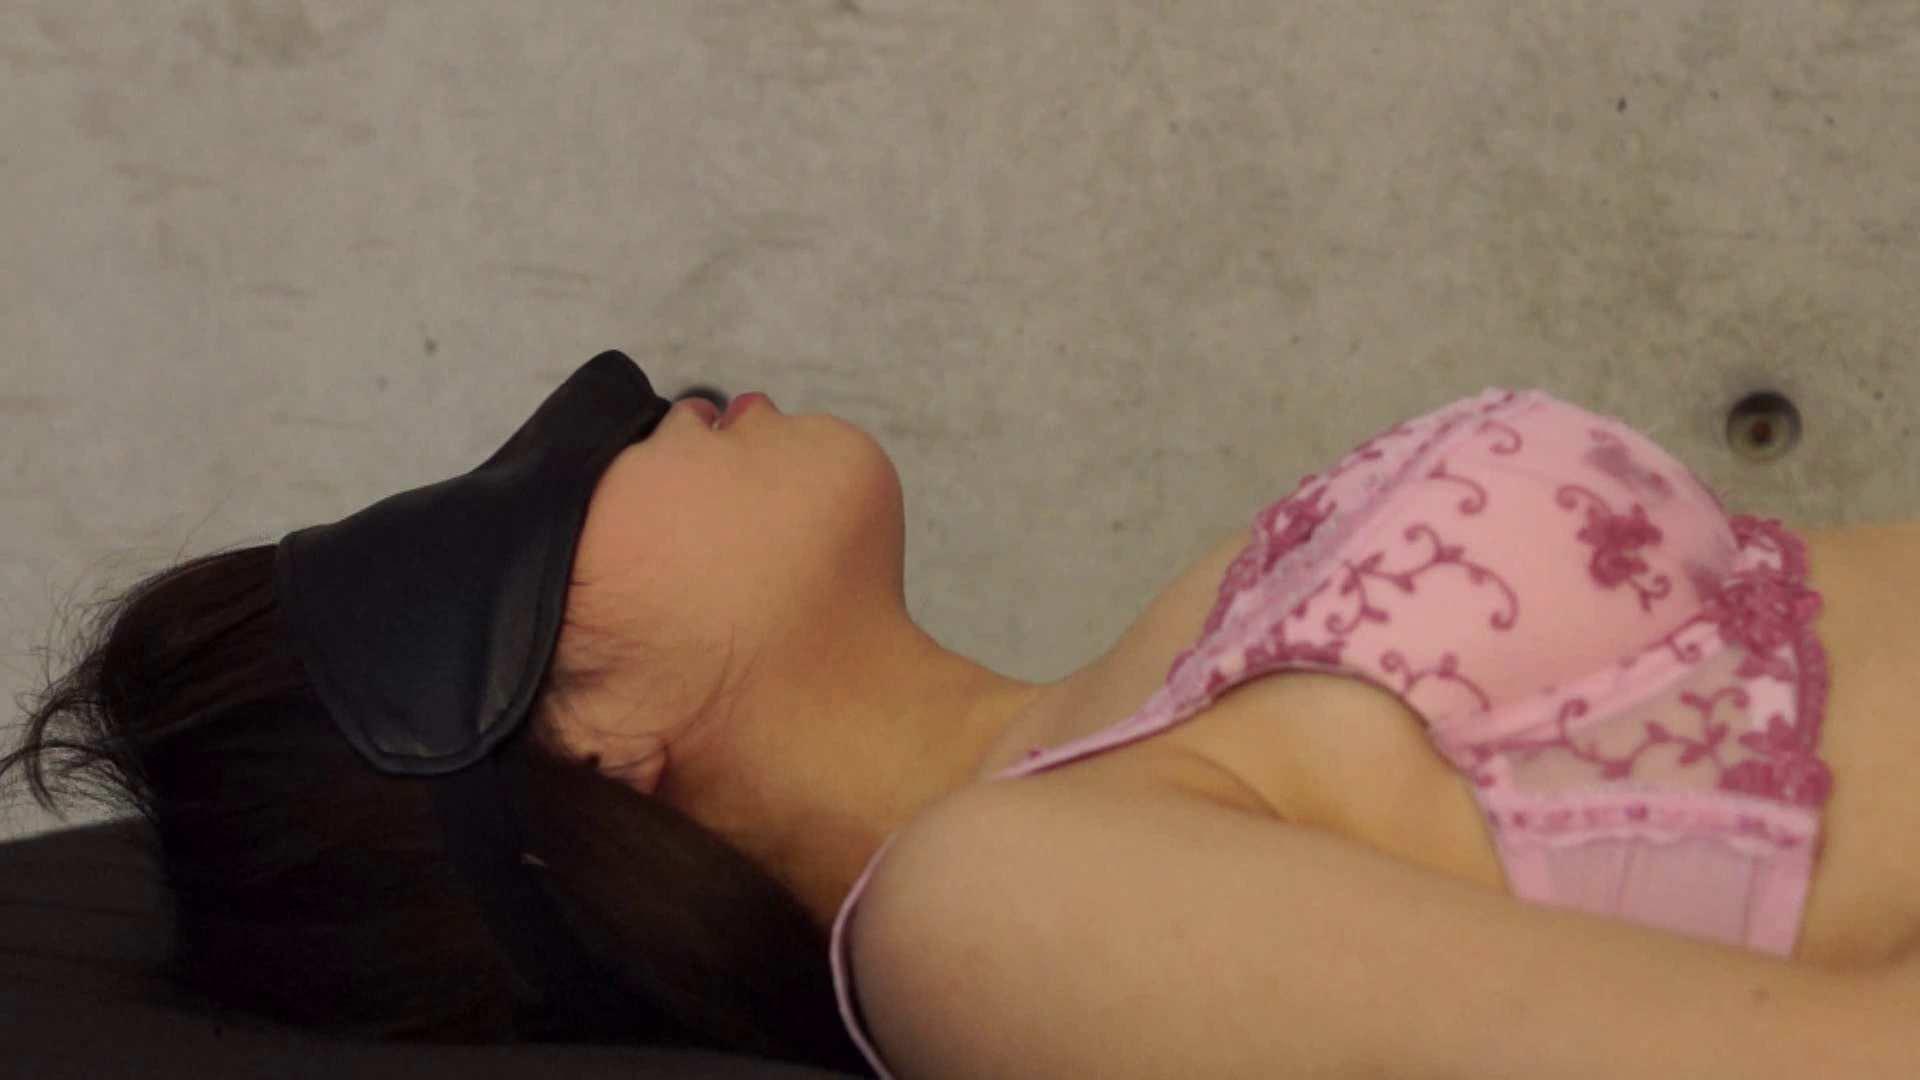 vol.7 夏実ちゃんの汗まみれの腋をベロベロ舐めるTKSさん OLのエッチ | 顔出しNG一般女性  88pic 3